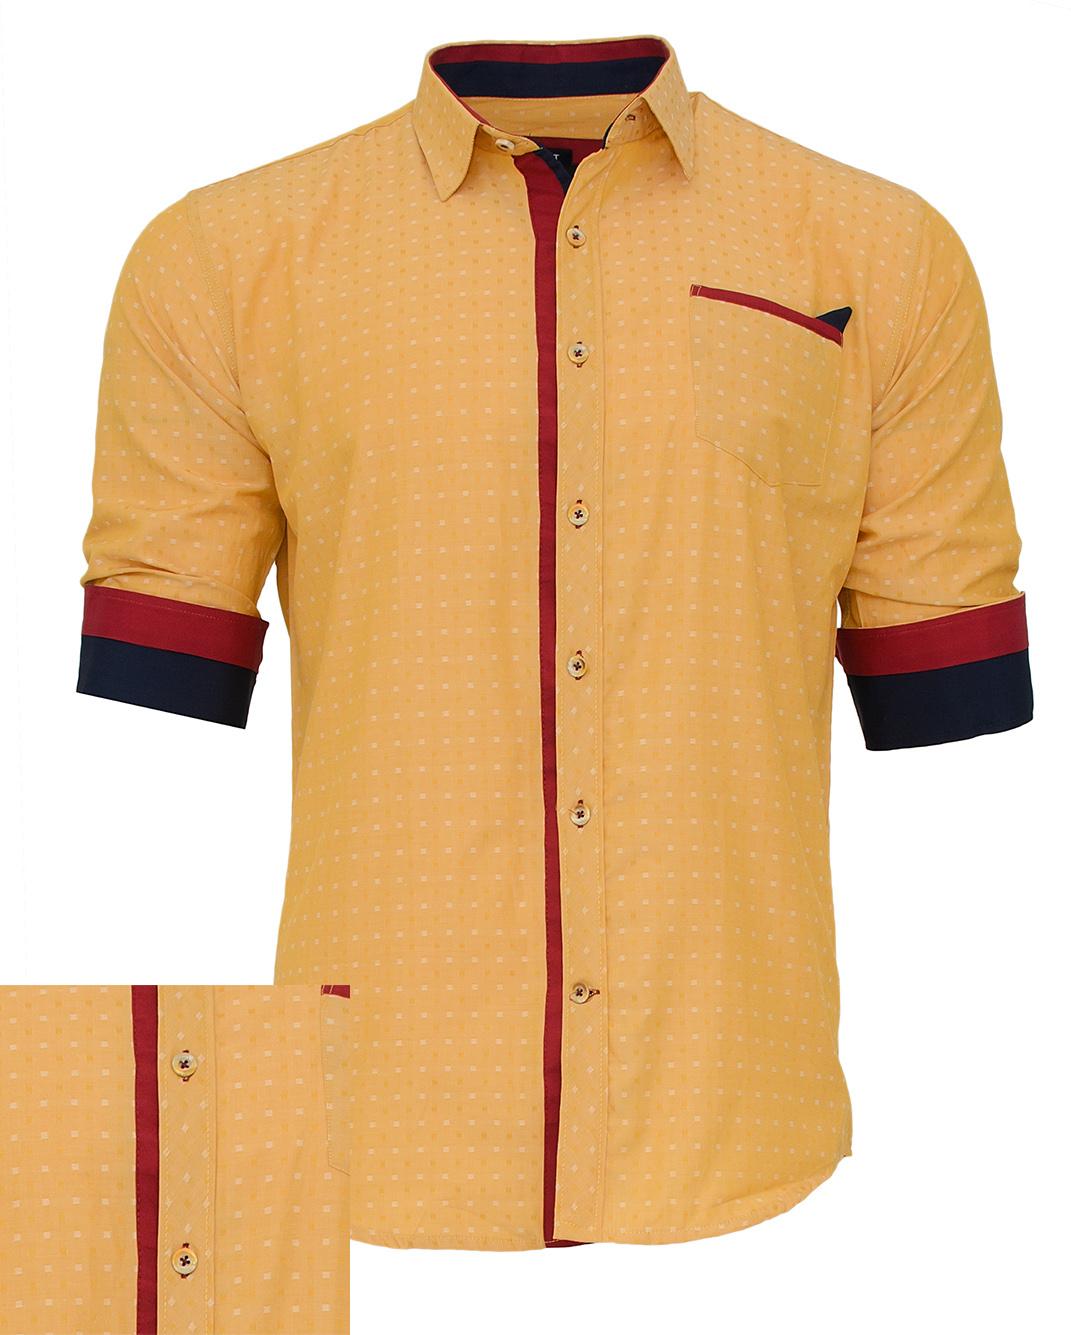 Ανδρικό Πουκάμισο So Fashion Yellow-Κίτρινο αρχική ανδρικά ρούχα πουκάμισα